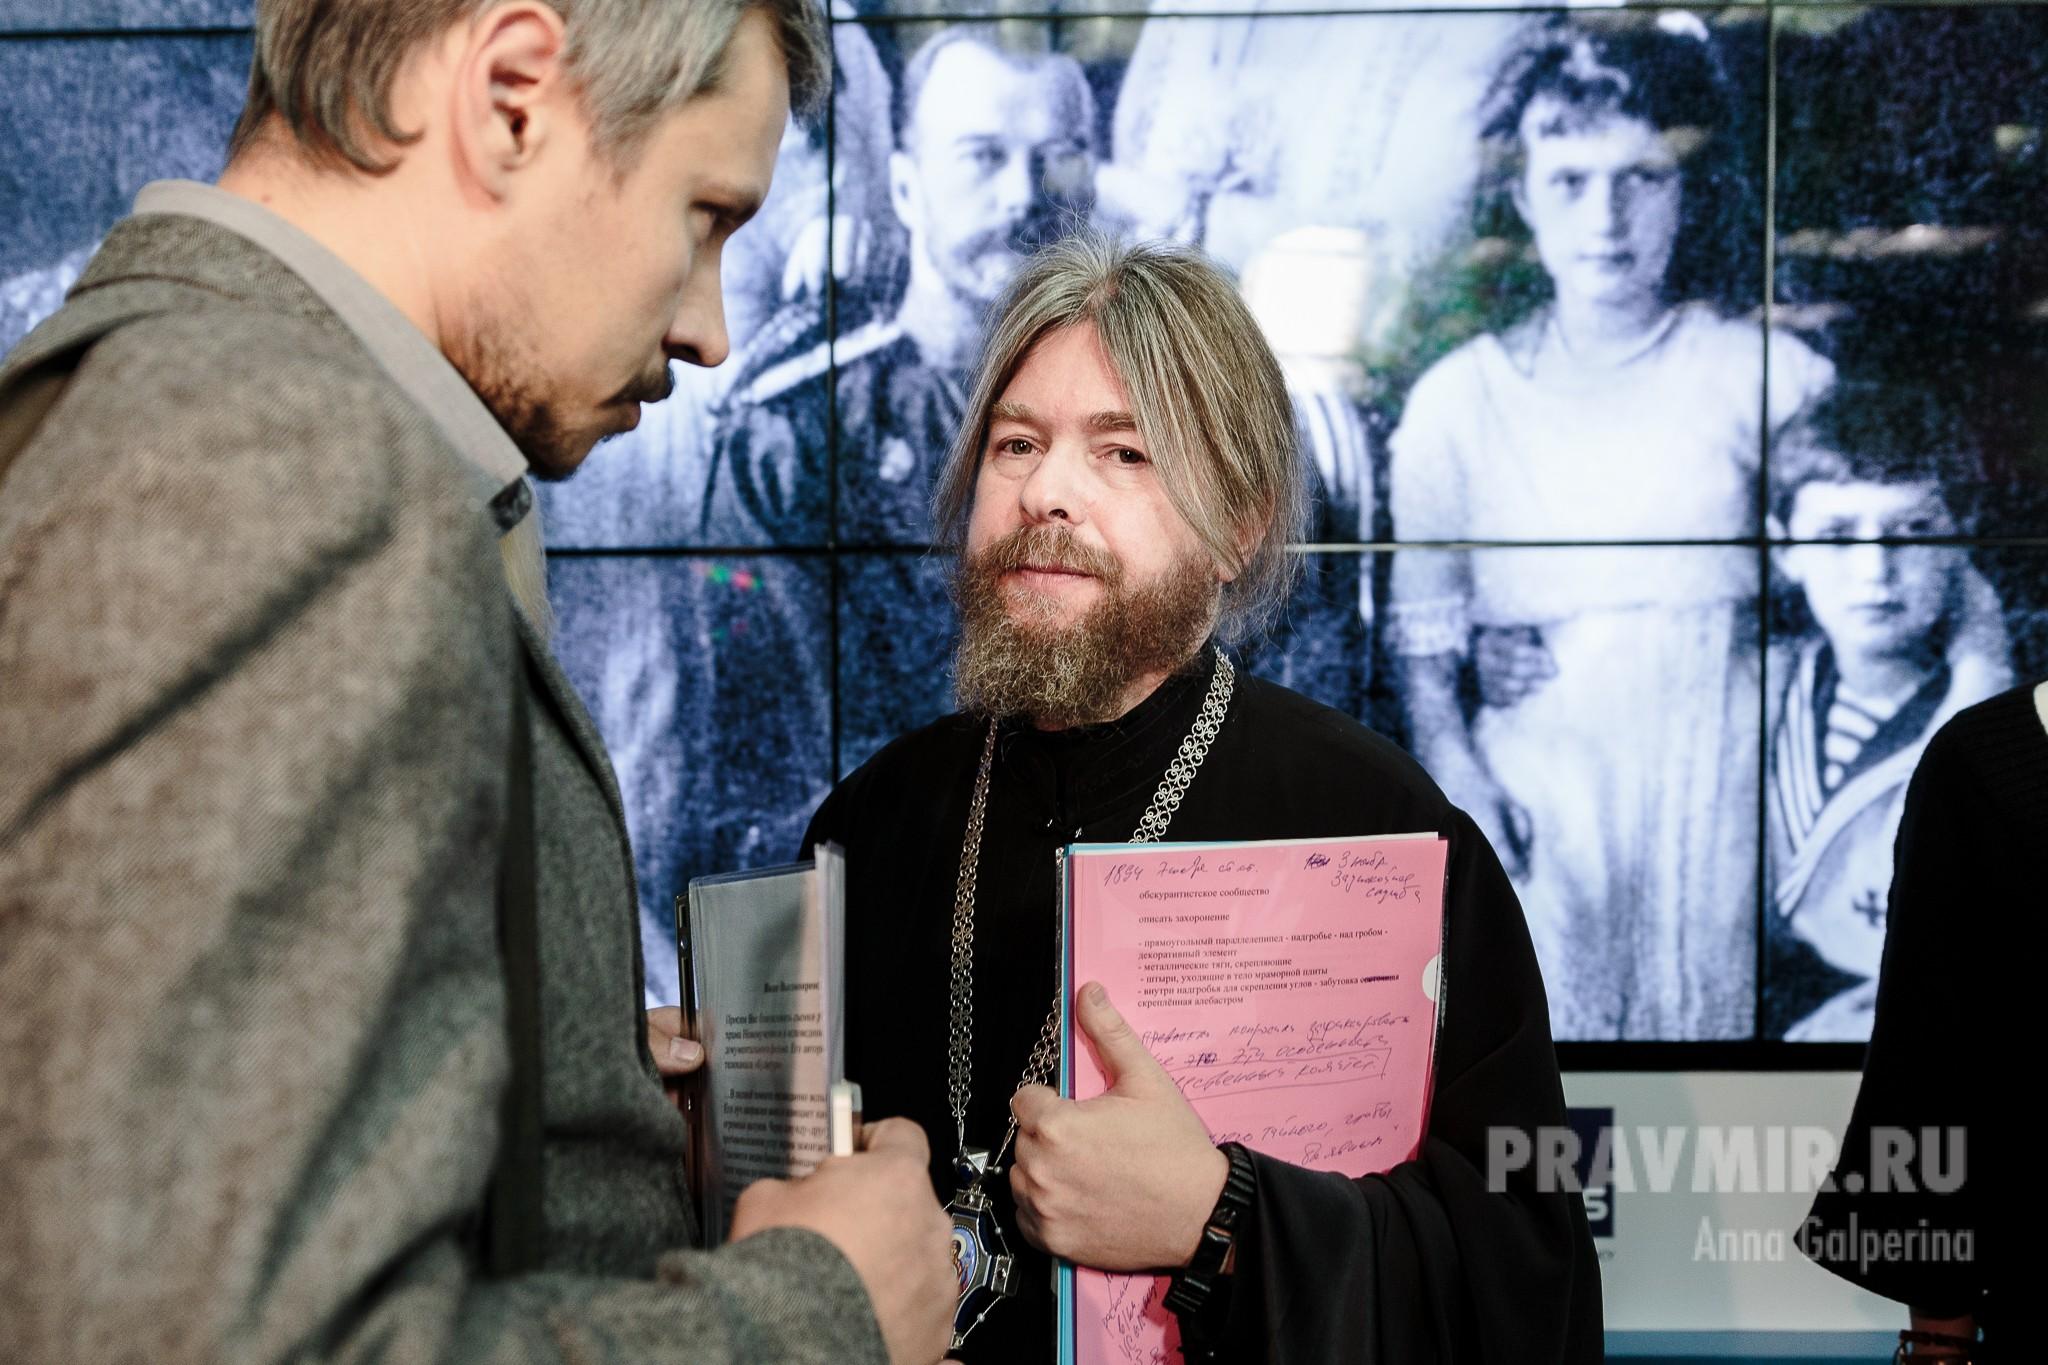 презентация книги шевкунова в ленинской библиотеке